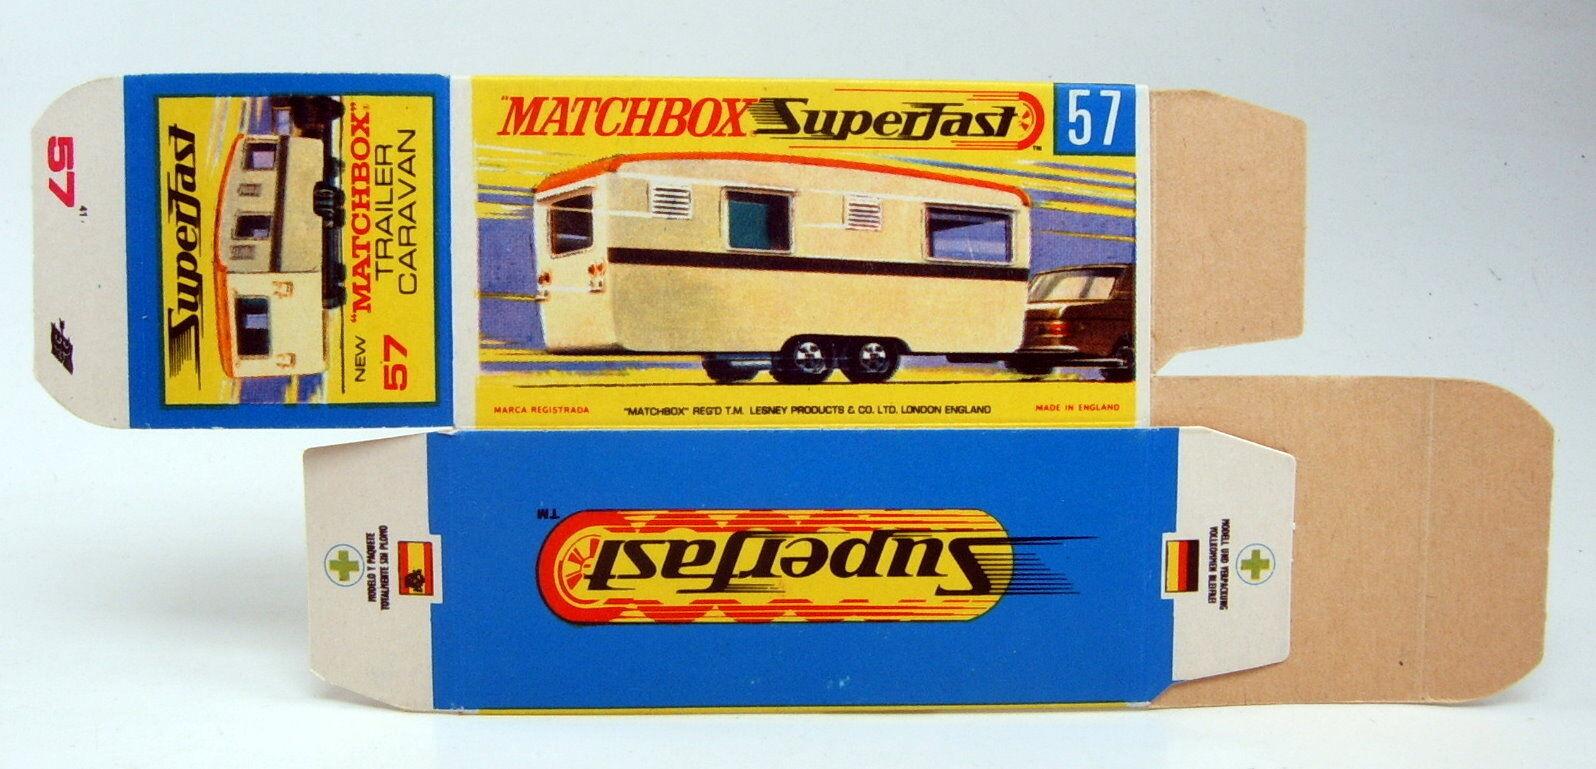 tiempo libre Matchbox súperfast 57b tráiler Cocheavan originales en en en blancoo  H  box presión frescos  se descuenta